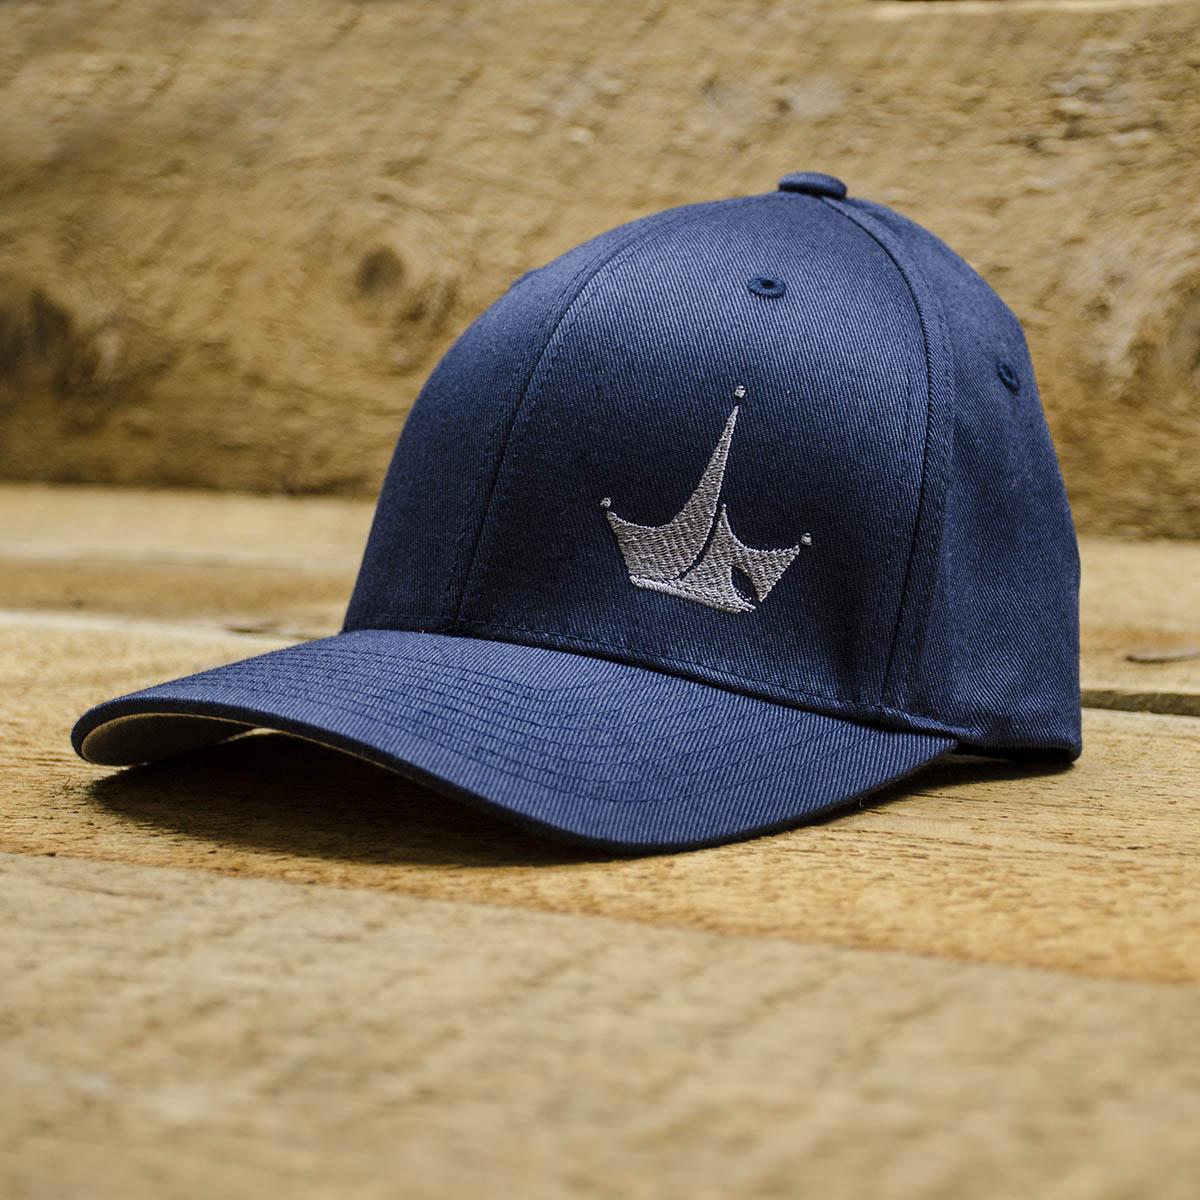 Flex Fit Cap - Paul Jr. Designs 3ac789e1d8b